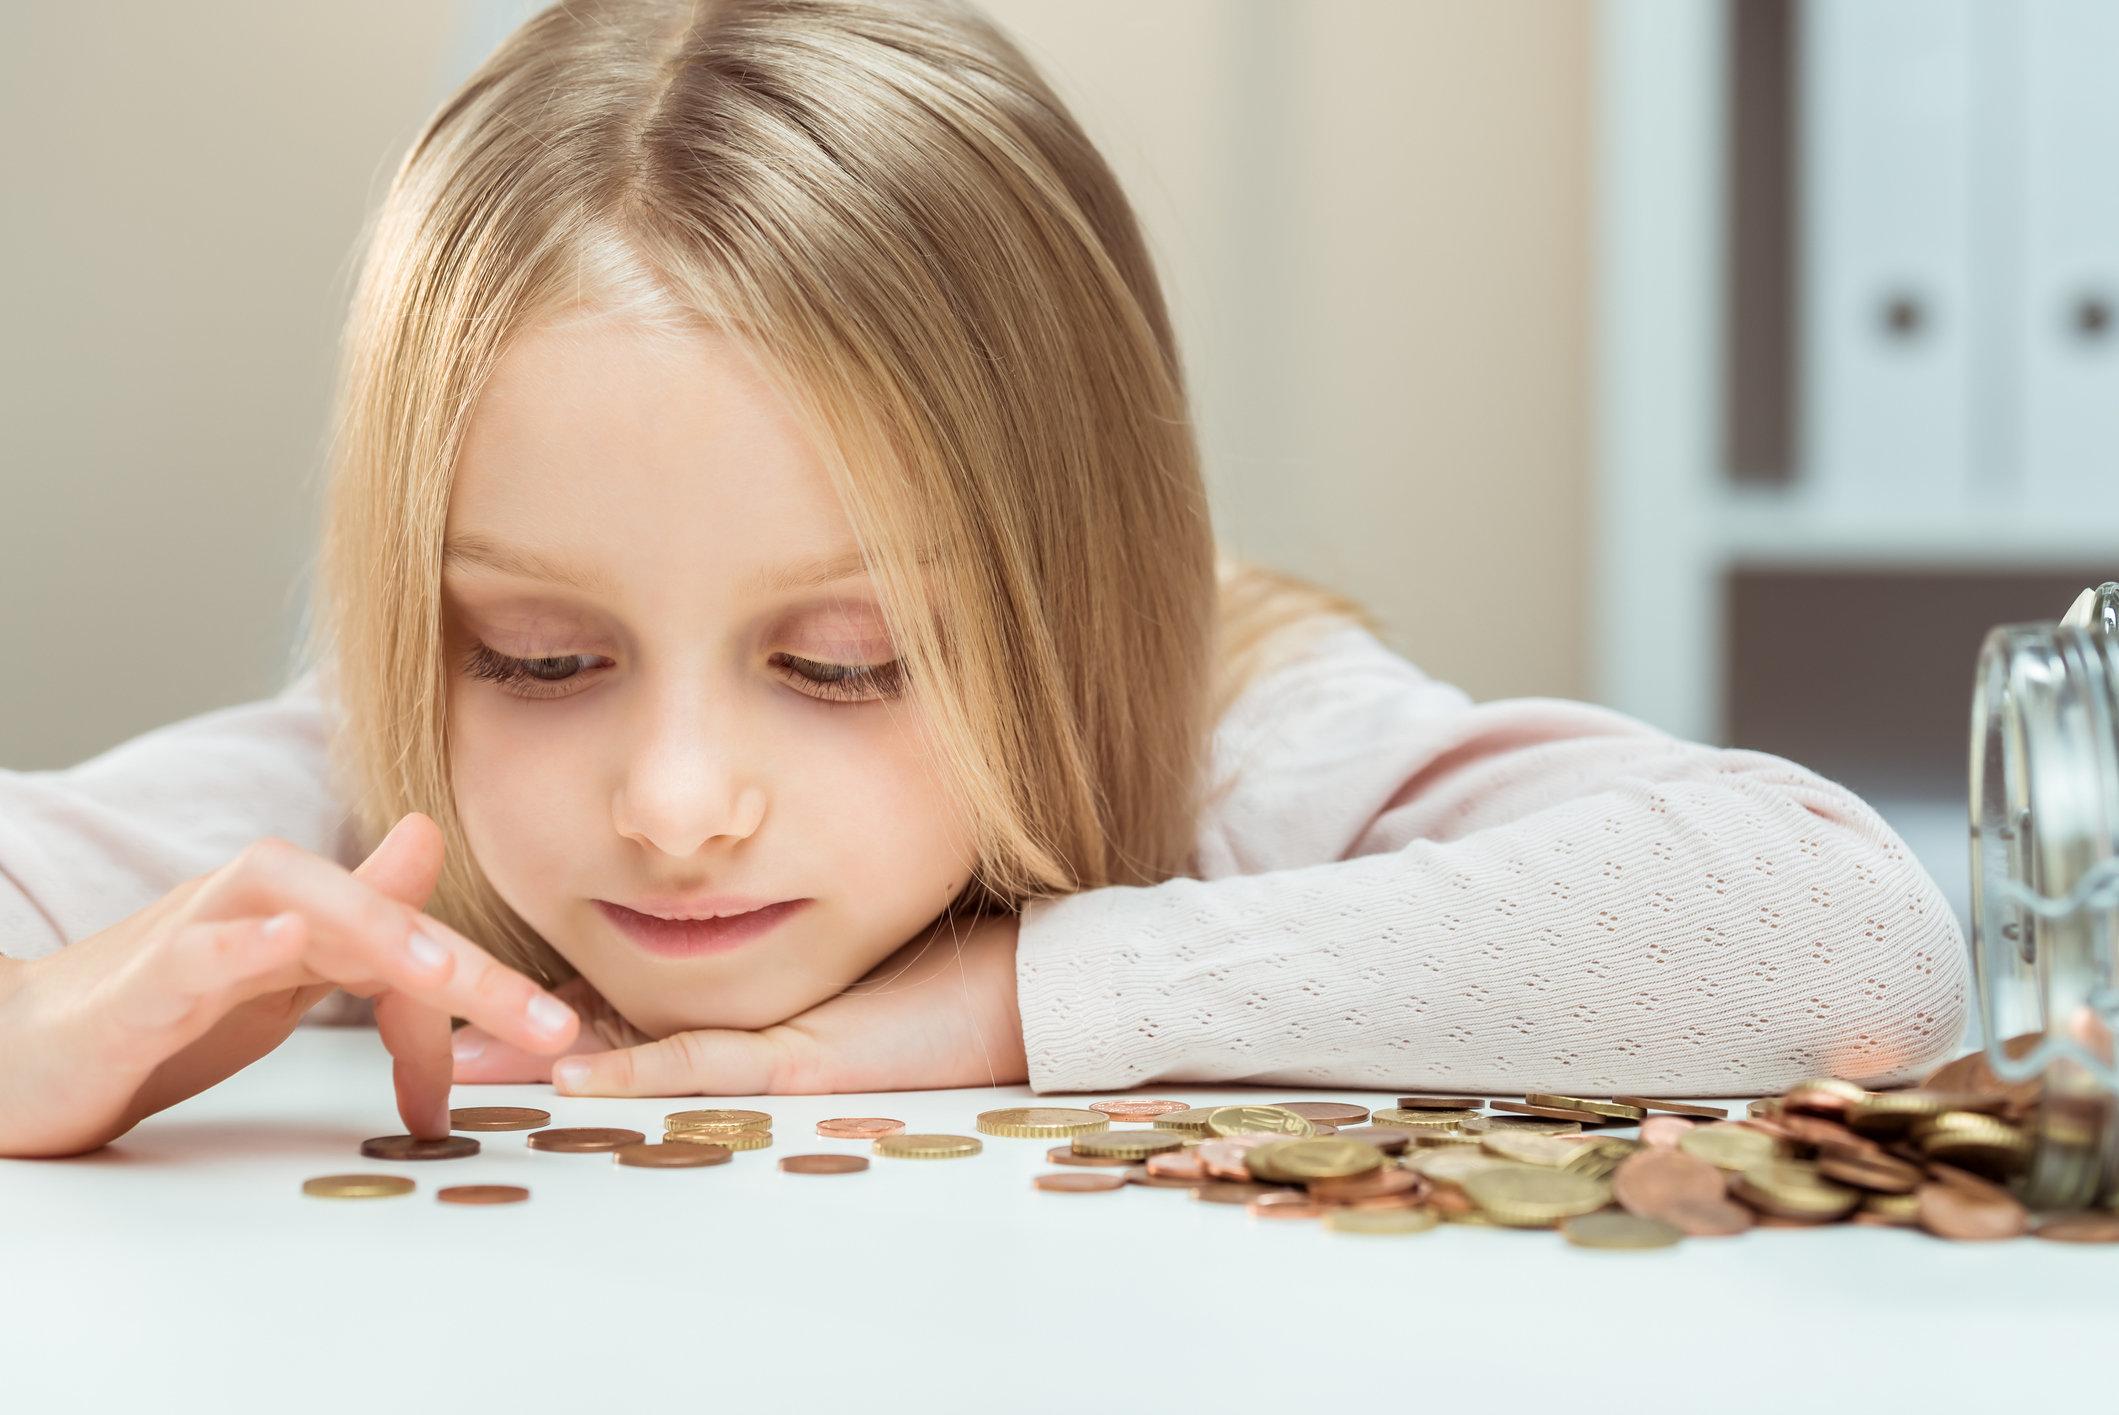 5-Jährige muss ihrer Mutter Miete zahlen – 150.000 Menschen finden das